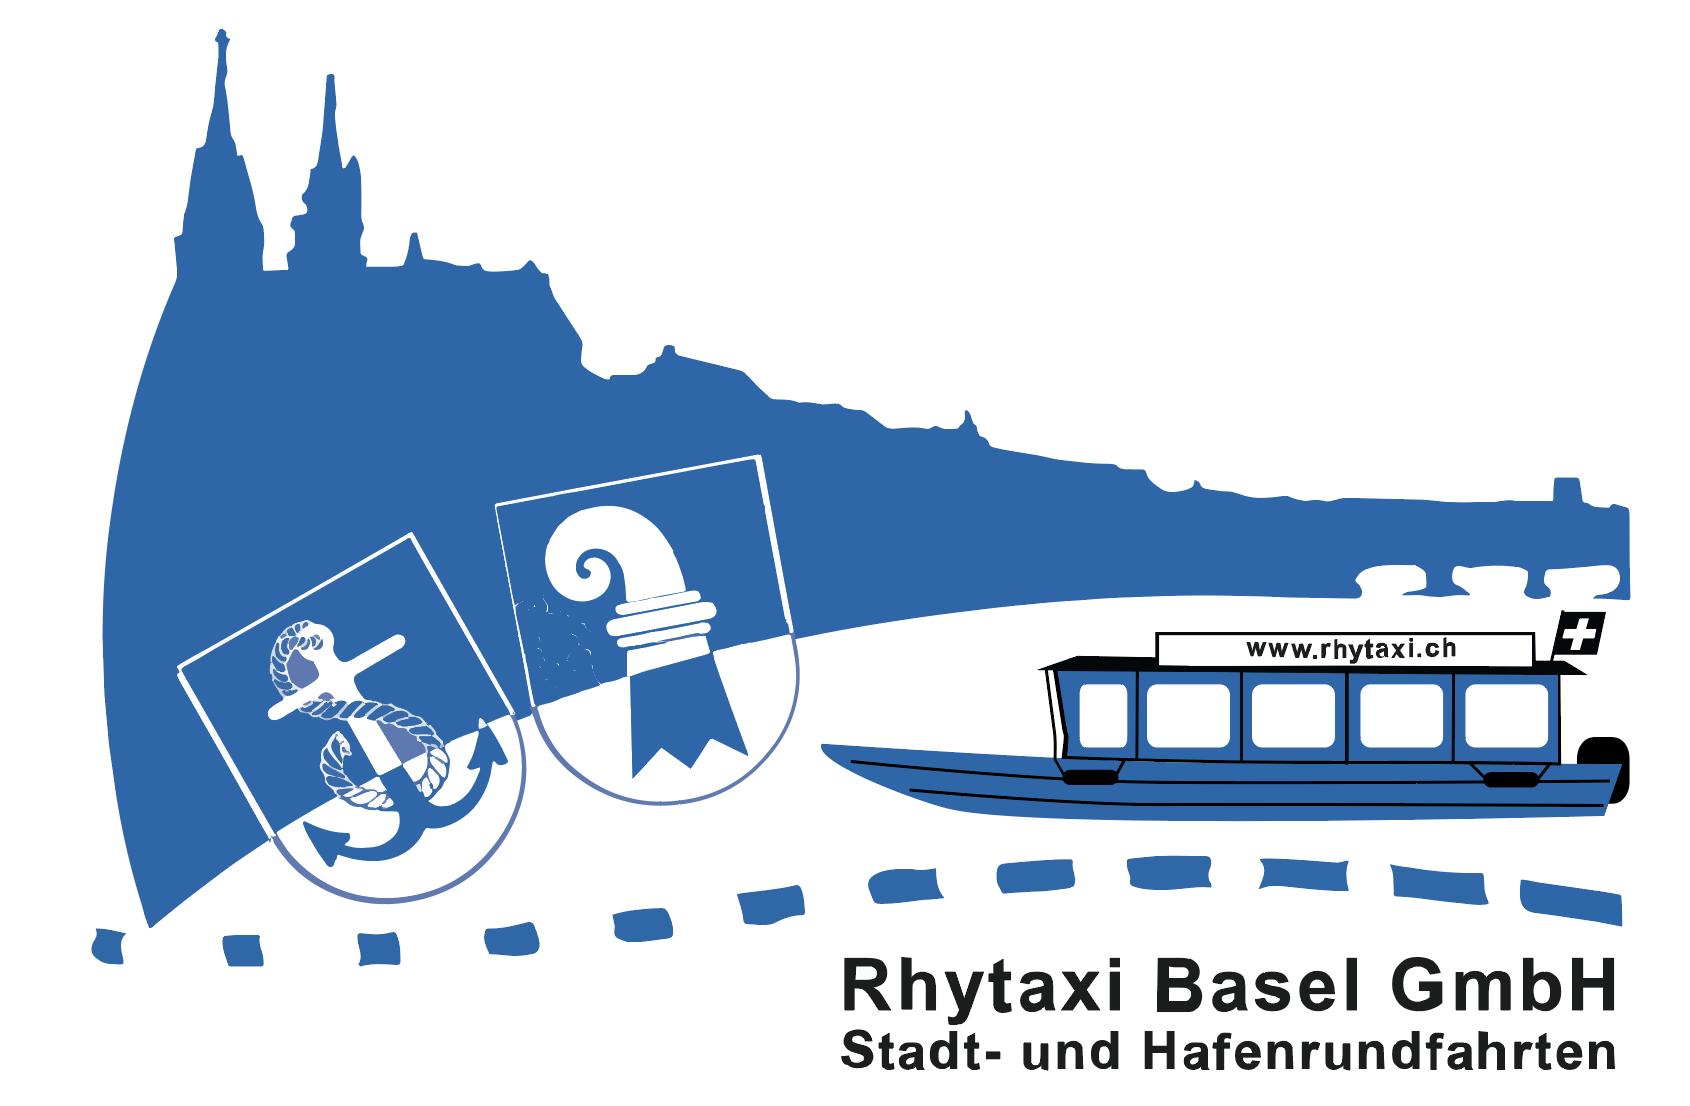 Rhytaxi Basel GmbH